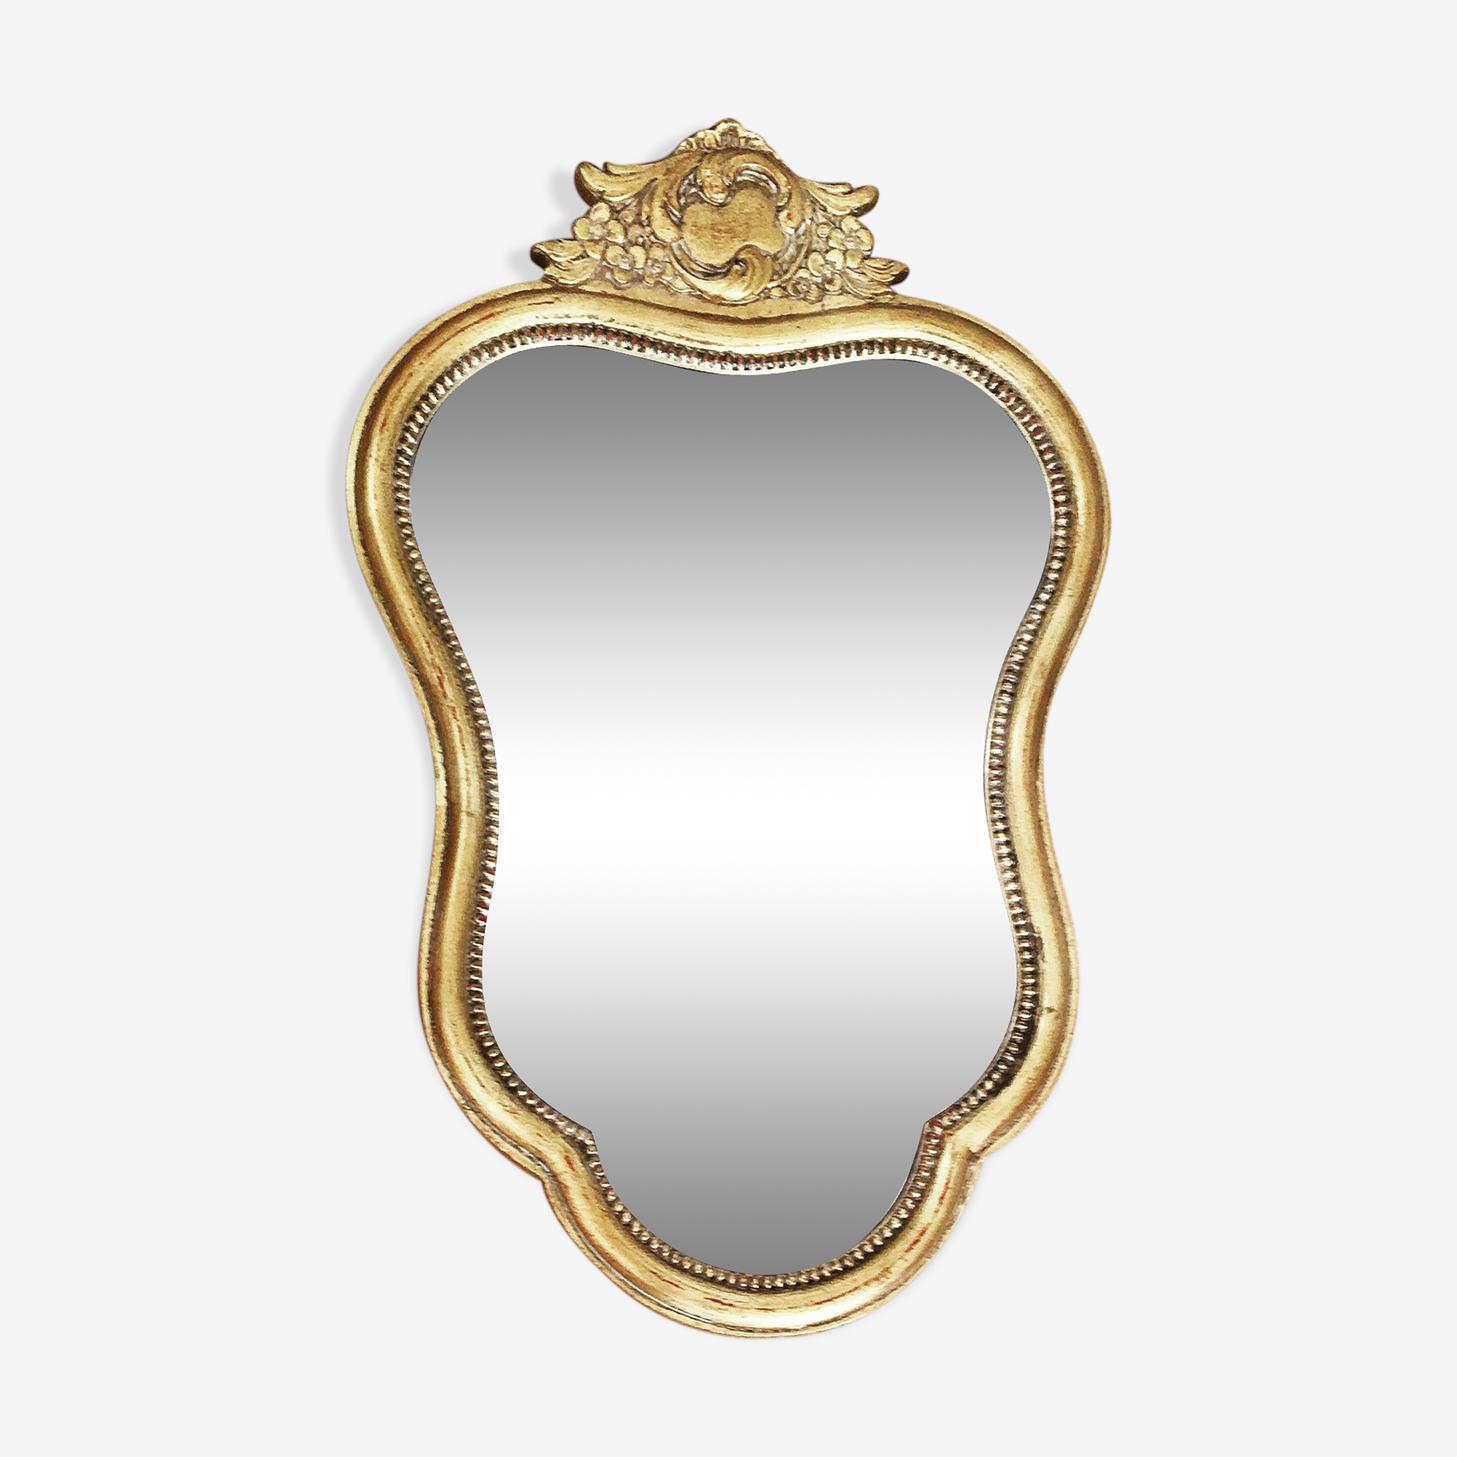 Miroir doré vintage Belgique ancien moulé 60s 53x33cm